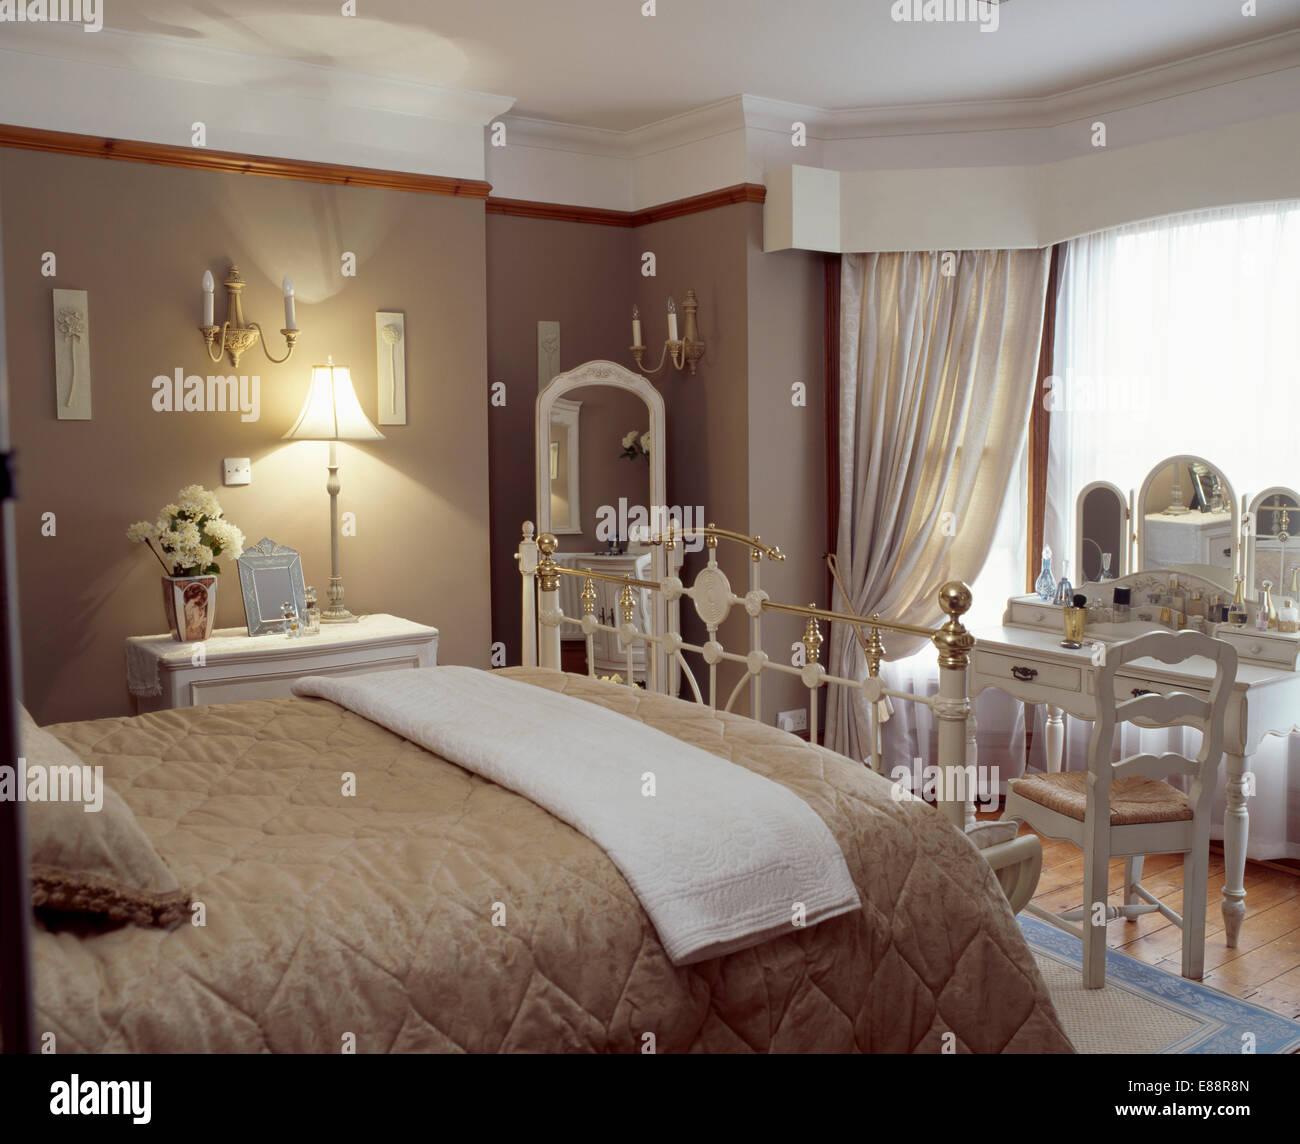 Passi di crema e beige scuro quilt in ottone sul letto in camera da ...